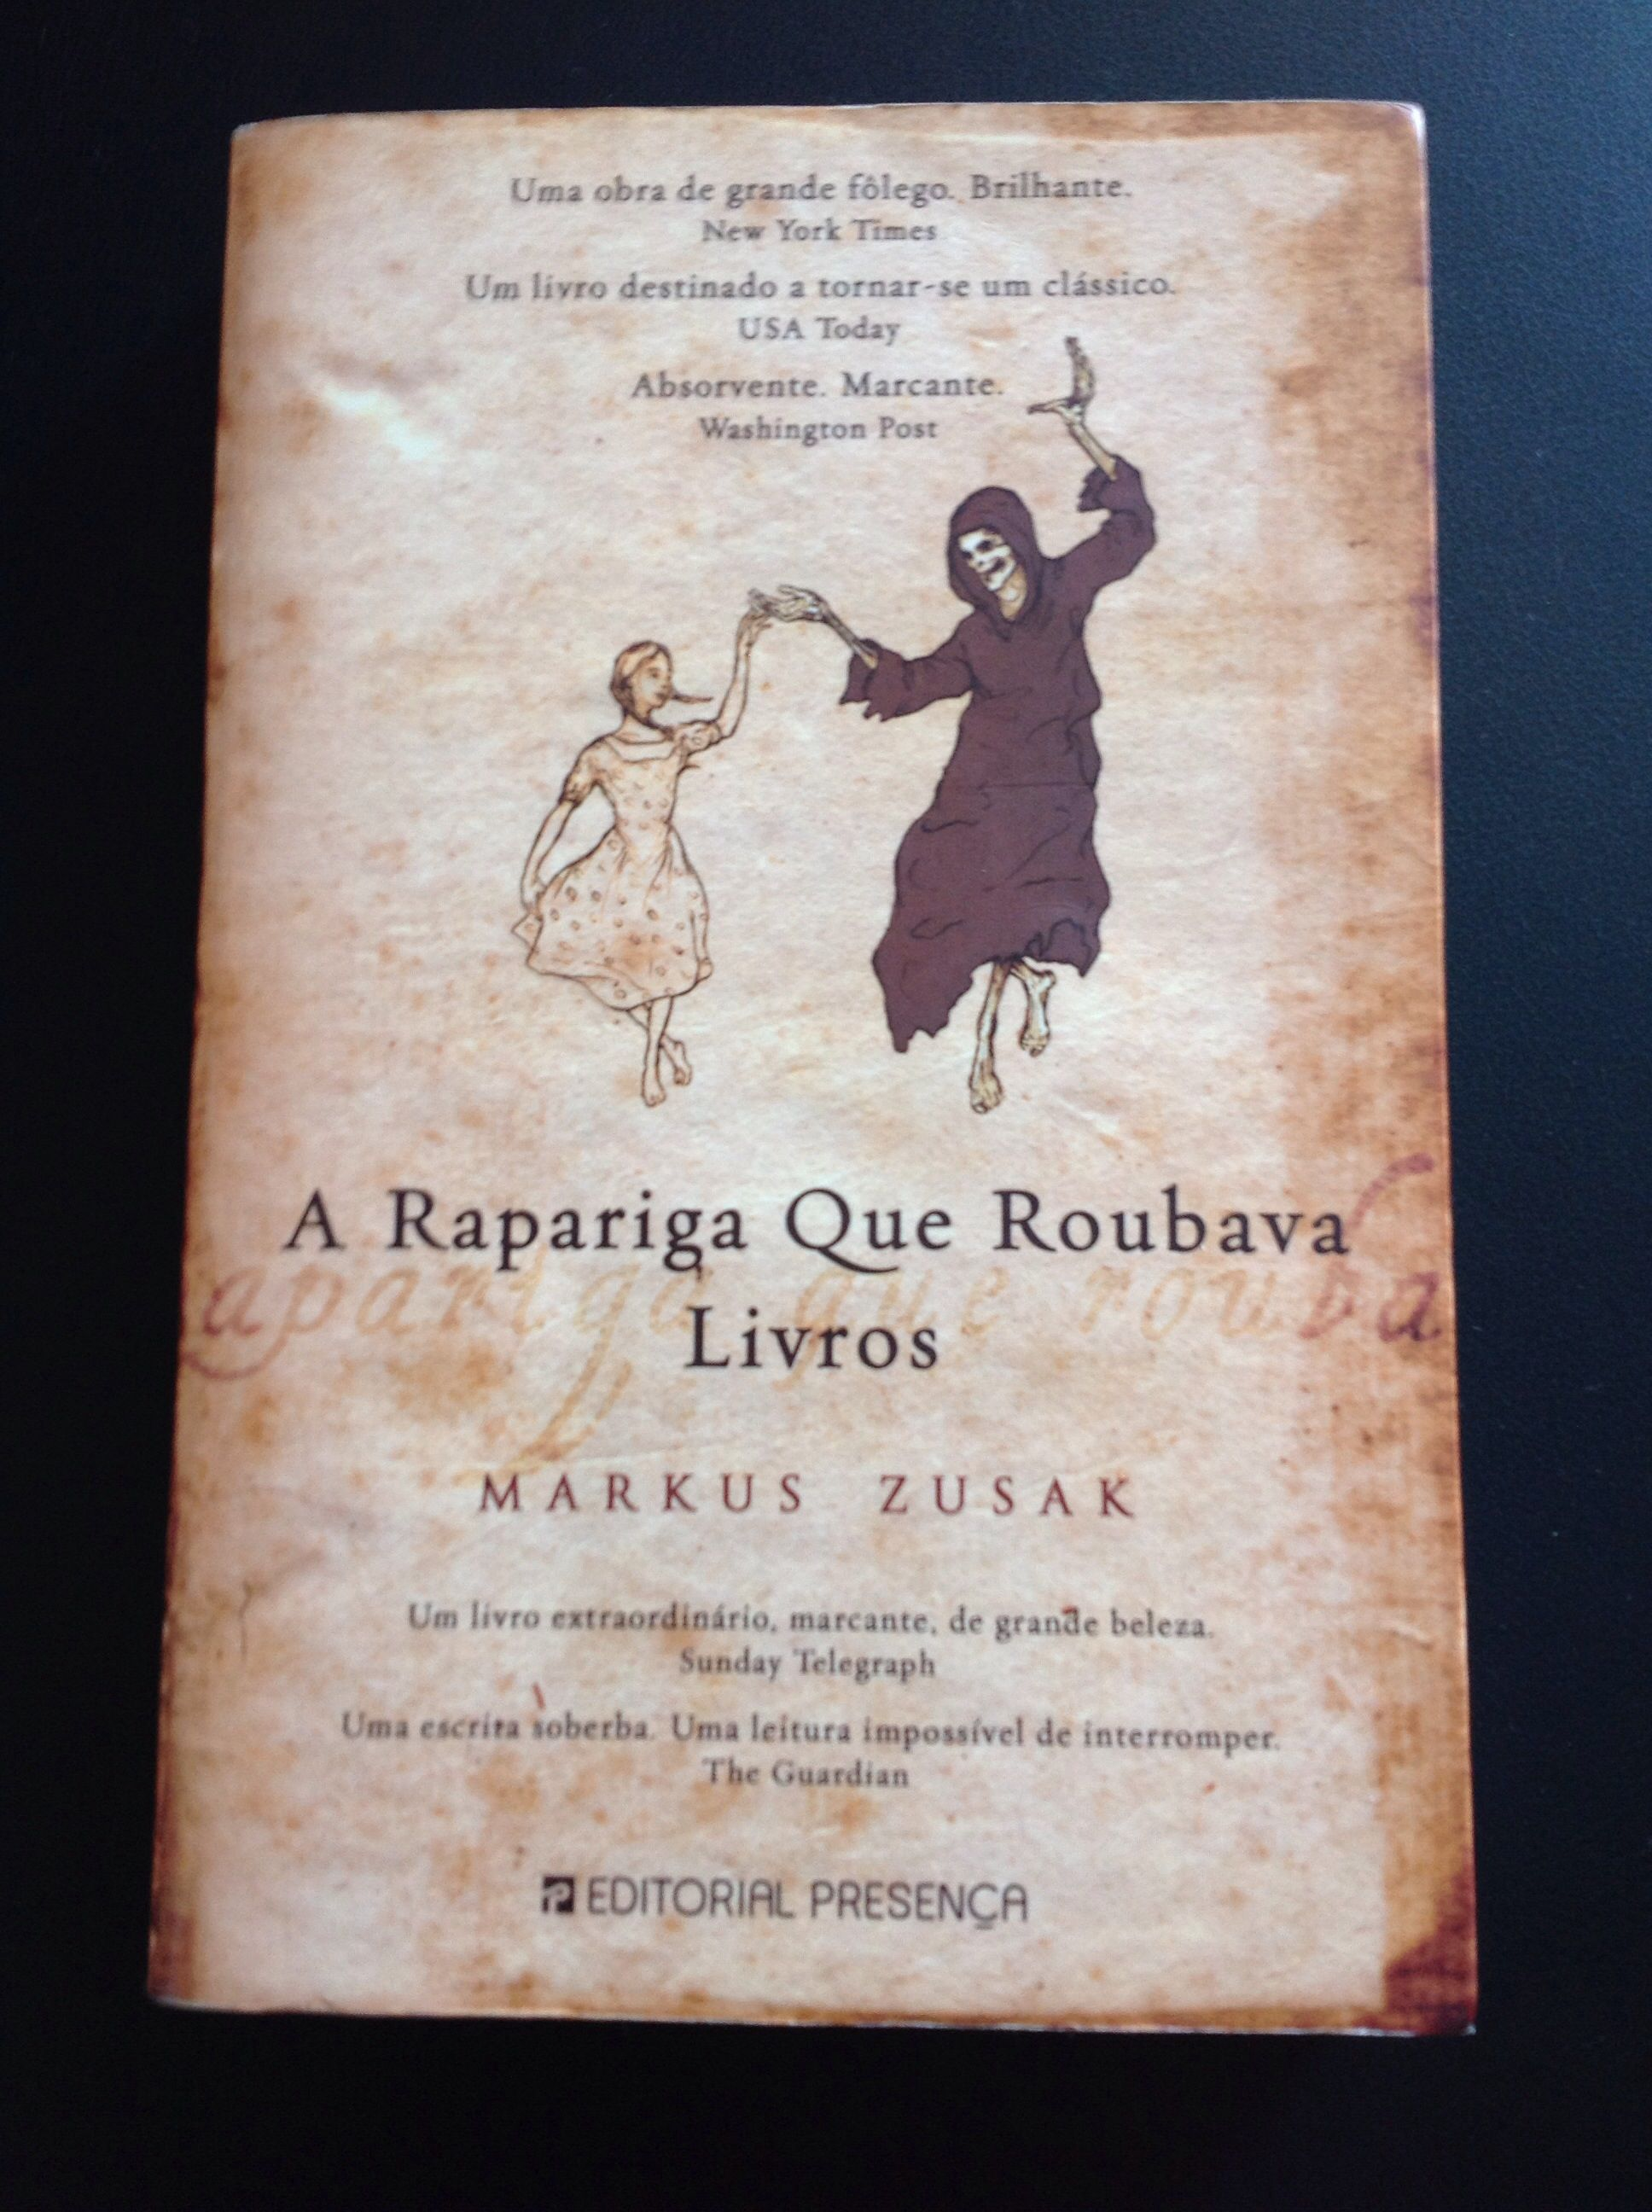 A Rapariga Que Roubava Livros Markus Zusak Usa Today E Livros